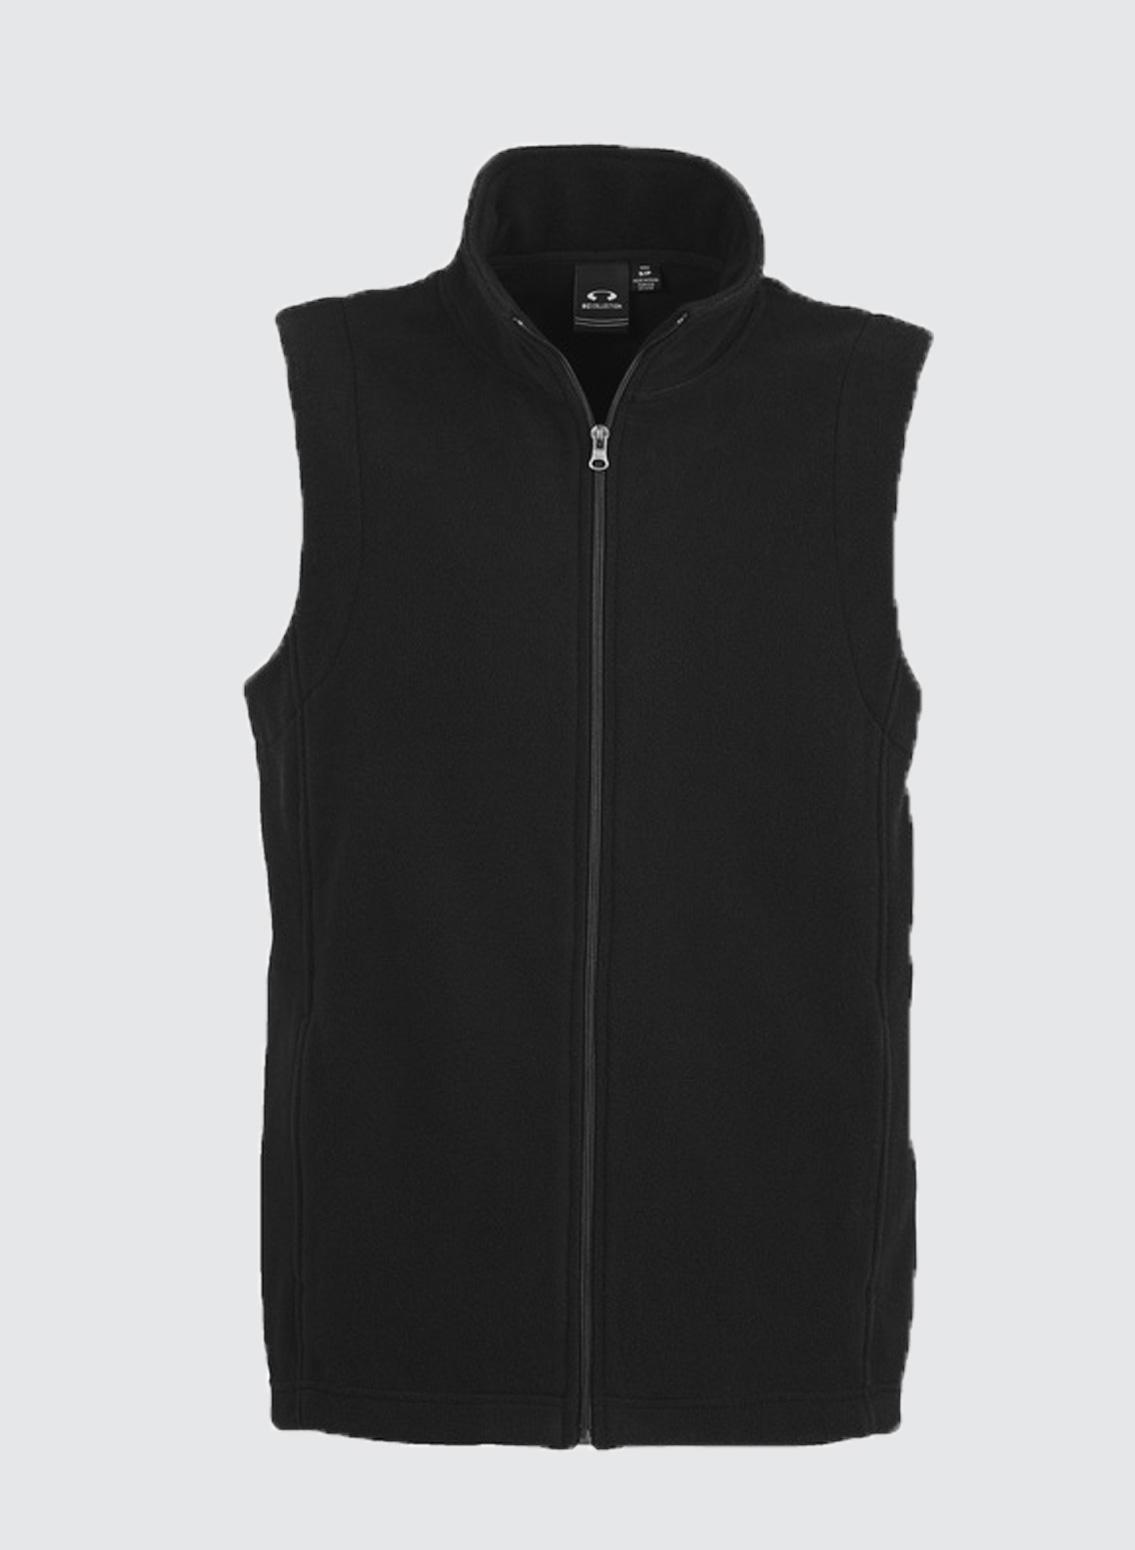 F233mn Mens Plain Micro Fleece Vest Business Image Group